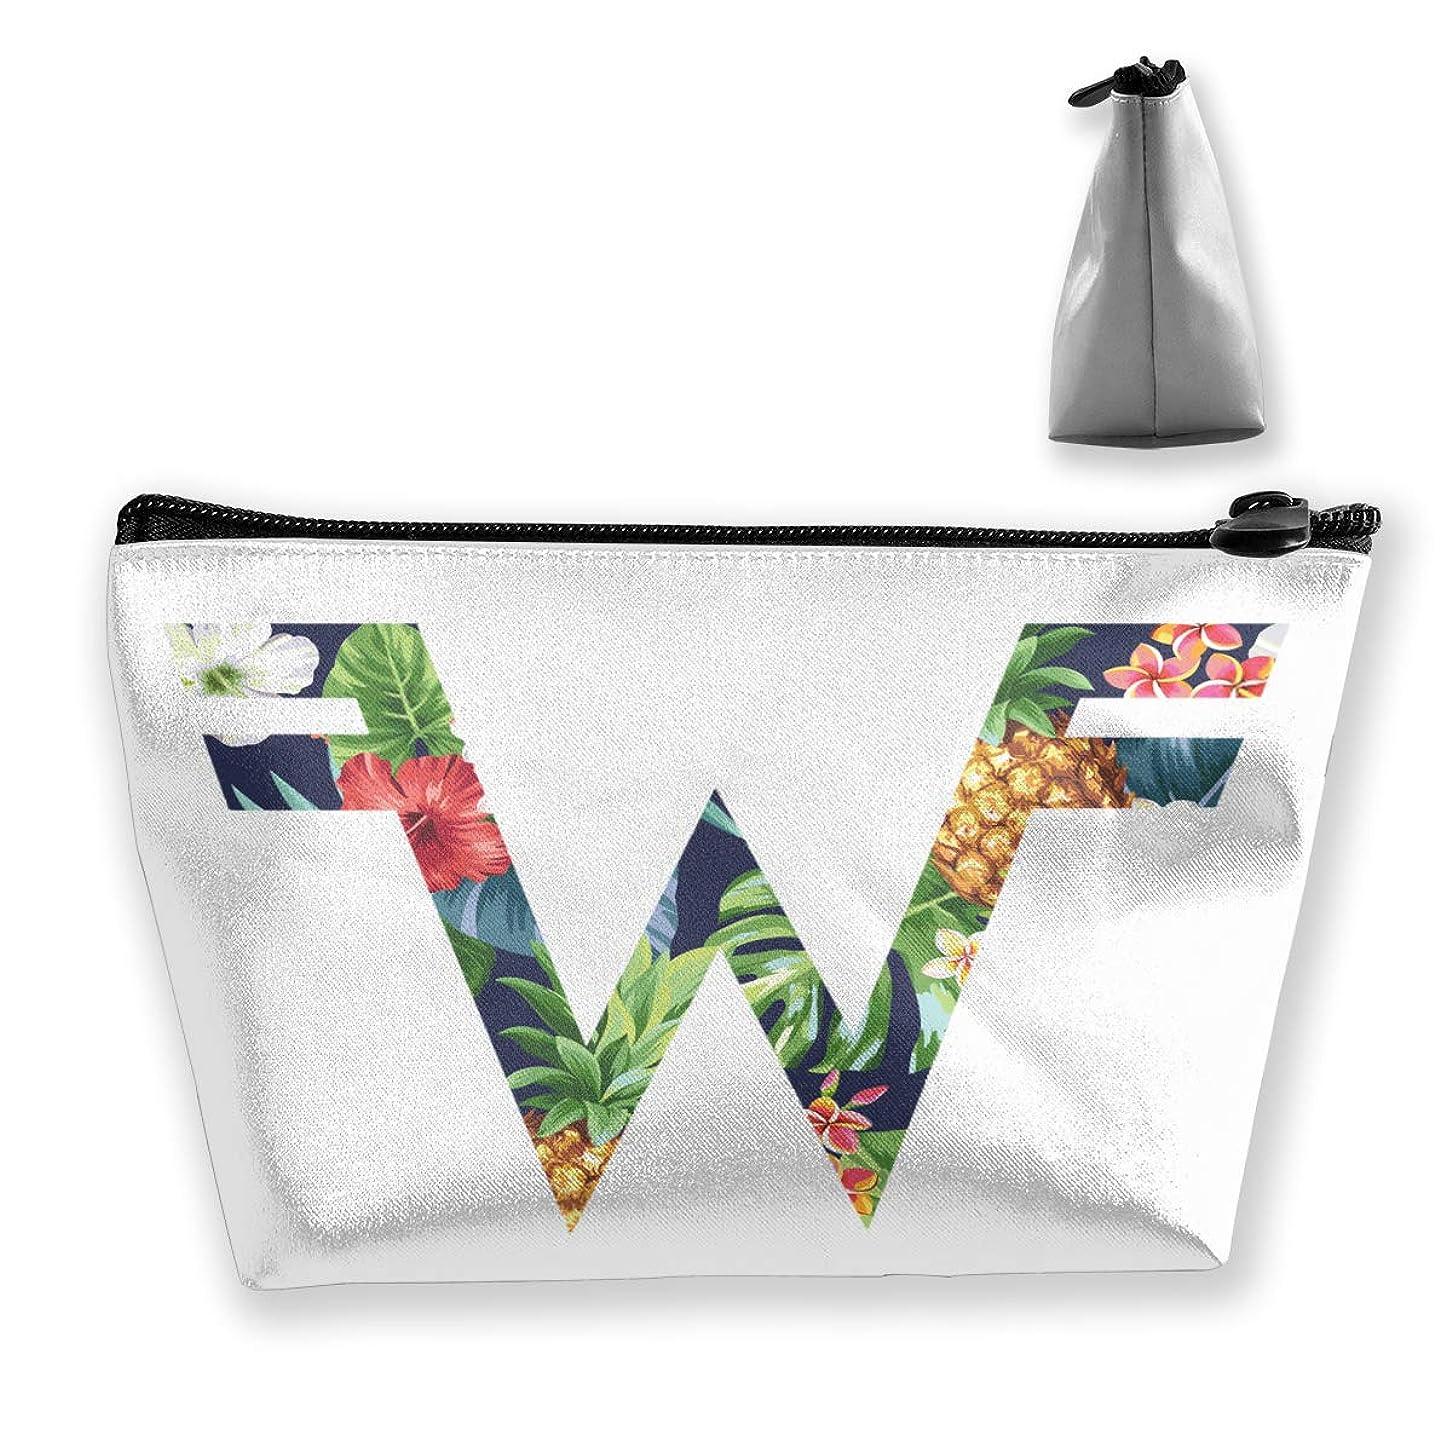 くるくるラブ農場収納袋 コスメポーチ 筆箱 台形 化粧品入れ 高級品 軽い 大容量 普段使い 学生 サラリーマン 出張 スポーツ 多機能 贈り物 Weezer Logo 花柄